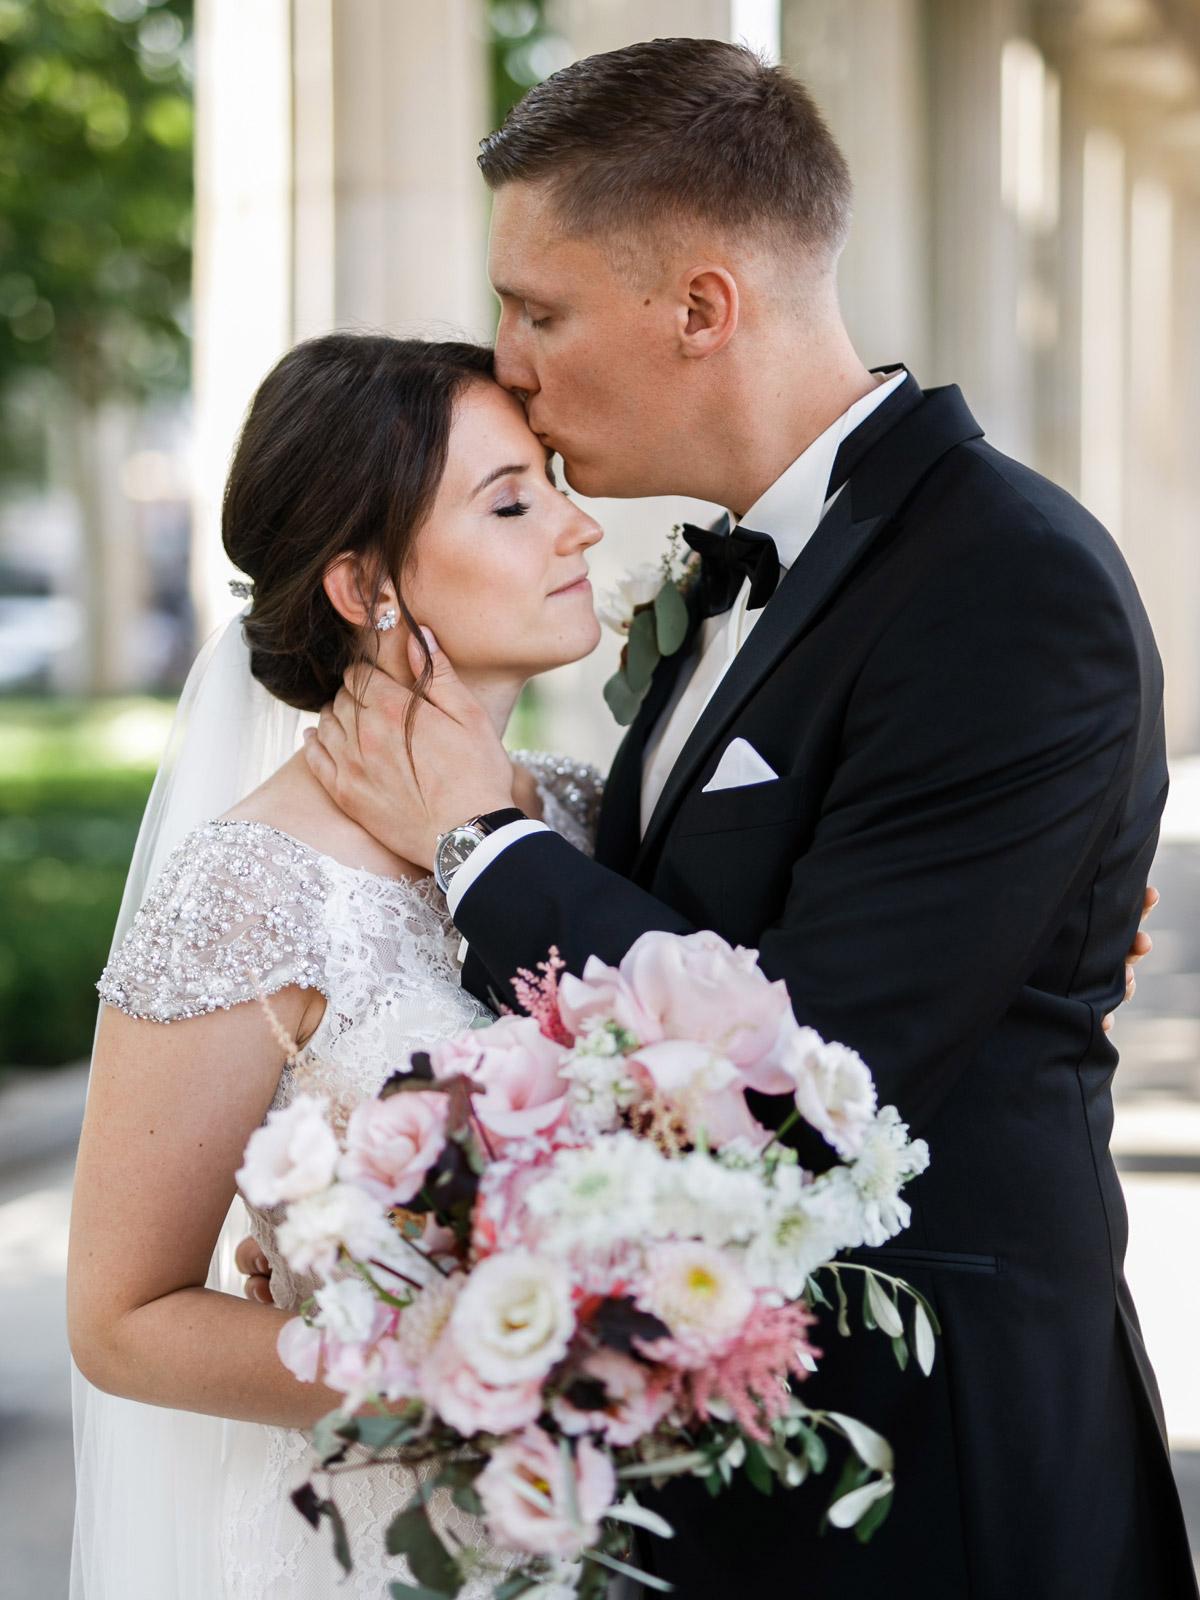 Brautpaar natürliches Hochzeitsshooting Bräutigam küsst Braut auf Stirn - heiraten im Berliner Dom Hochzeit im Clärchens Ballhaus #Hochzeitsfotografie Berlin © www.hochzeitslicht.de #hochzeitslicht #Hochzeitsfoto #Hochzeitspaar